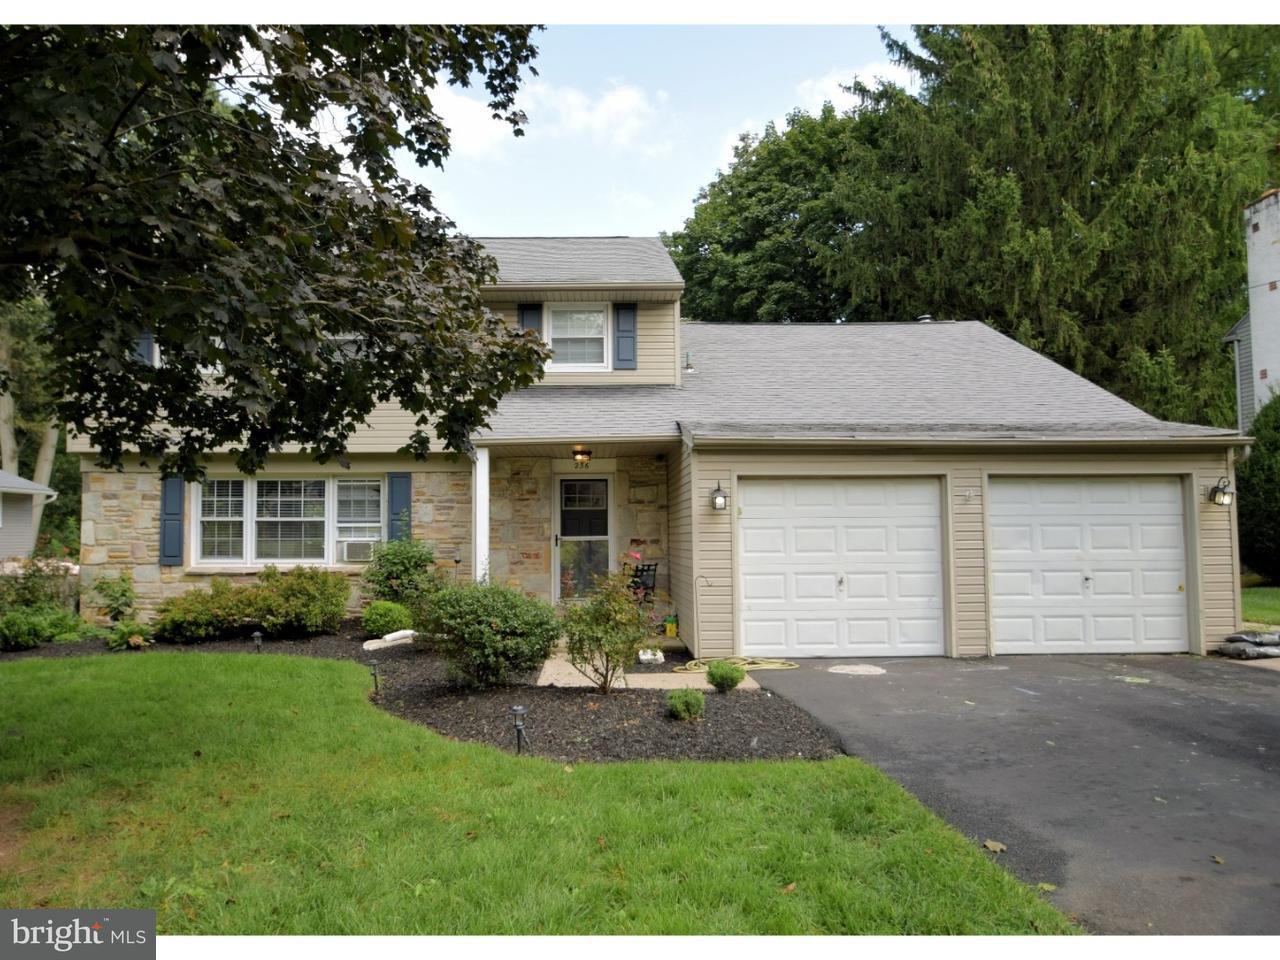 Maison unifamiliale pour l Vente à 236 BEATRICE Avenue Hatboro, Pennsylvanie 19040 États-Unis